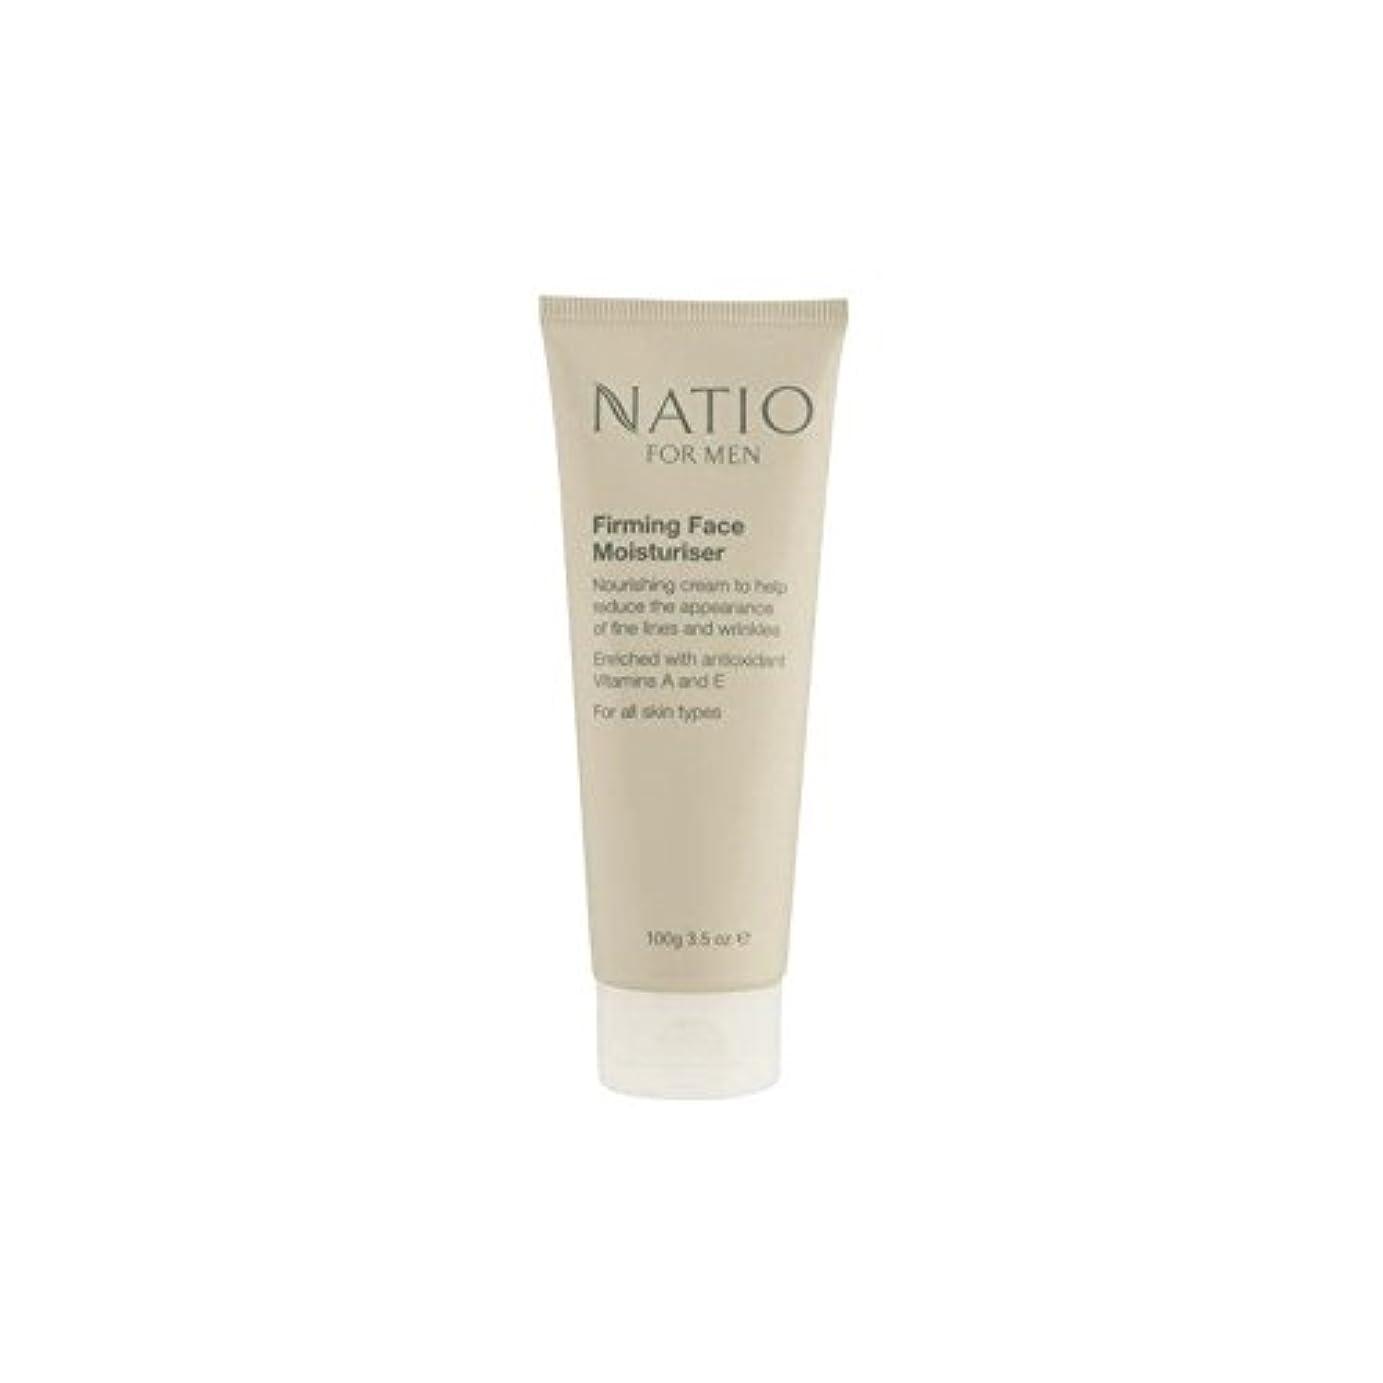 勝利ファイター紫のNatio For Men Firming Face Moisturiser (100G) - 顔の保湿剤を引き締め男性のための(100グラム) [並行輸入品]